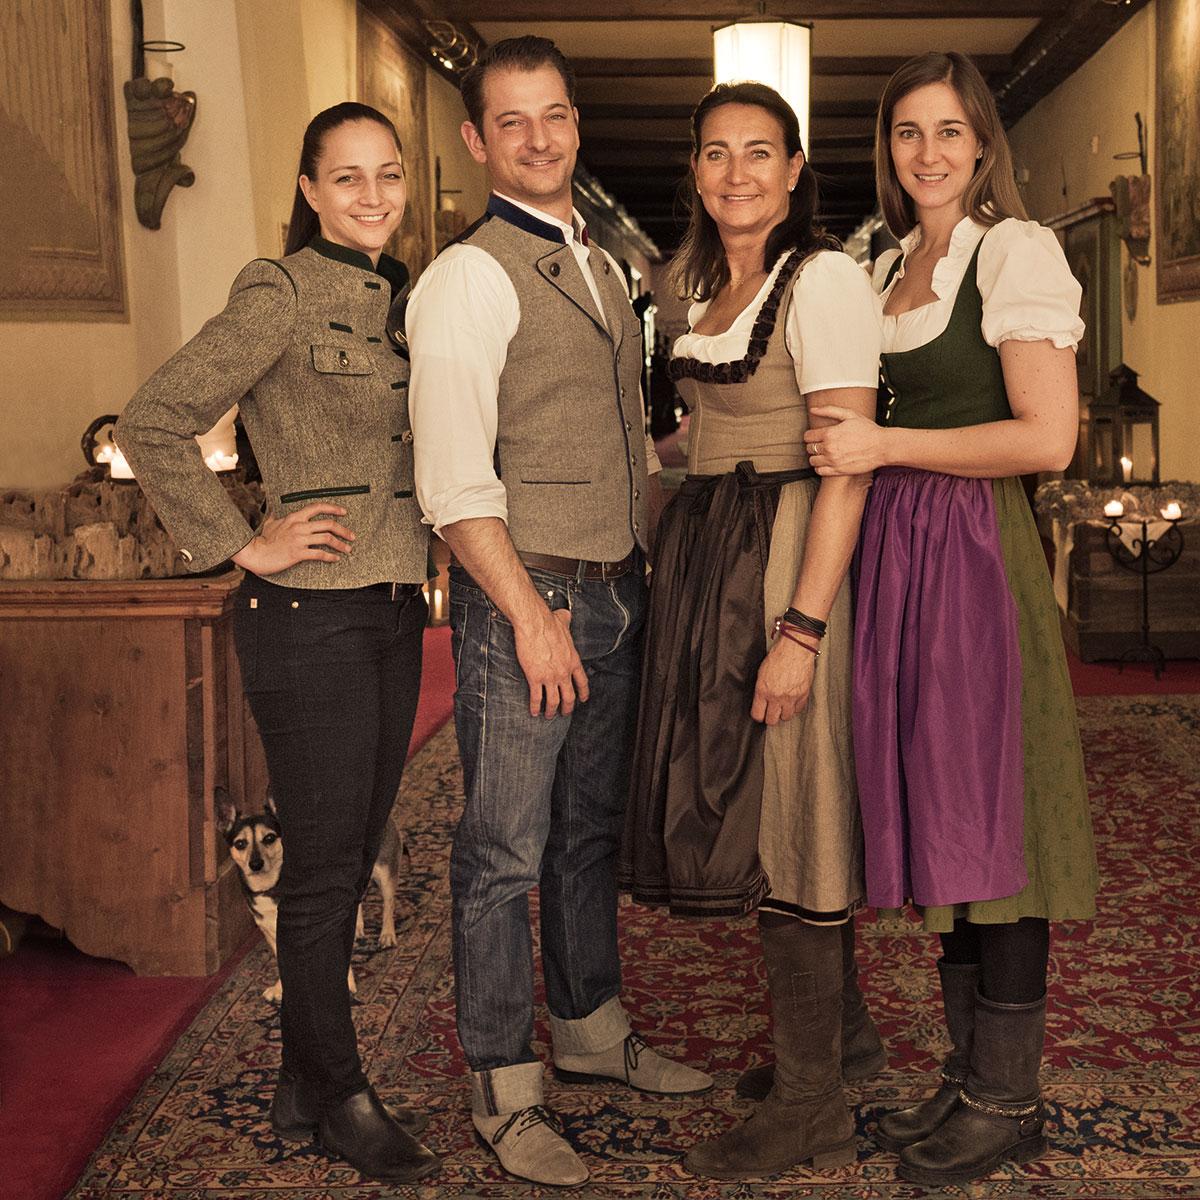 Hotel Klosterbräu. Ein seltener Moment: Die ganze Familie nimmt sich Zeit. Linda, Alois, Cristina und Laura(v.l.). Hinter Linda versteckt sich Hund Moritz